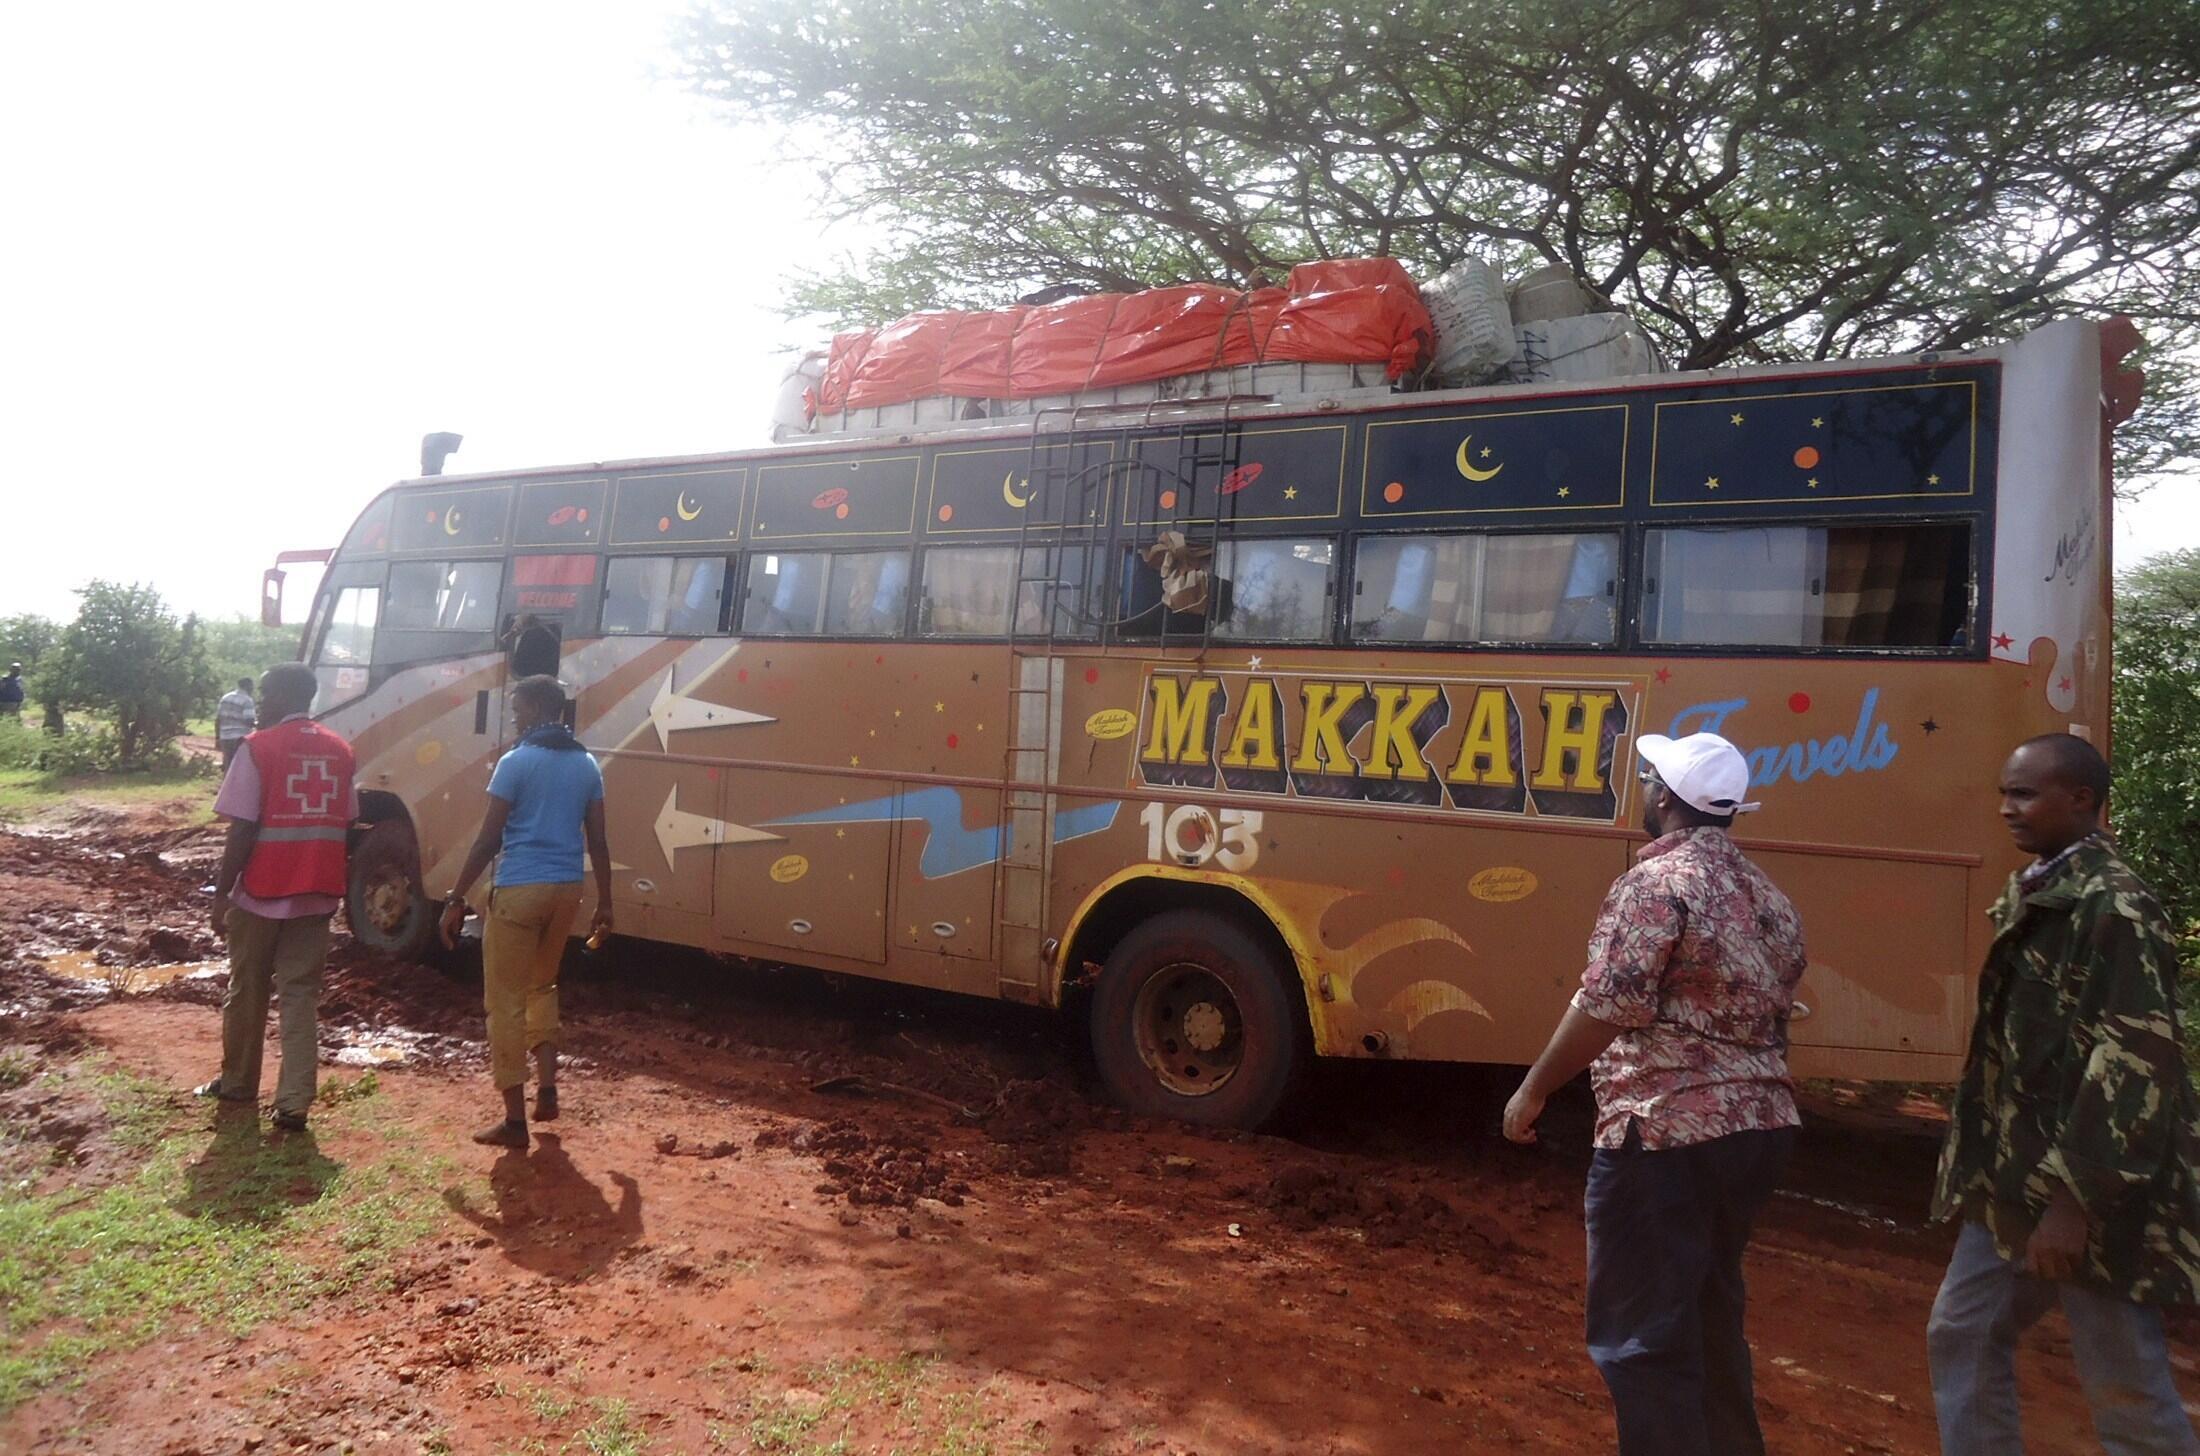 Shambulizi lililolenga gari ya abiria kaunti ya Mandera Kenya na kuua zaidi ya watu 20